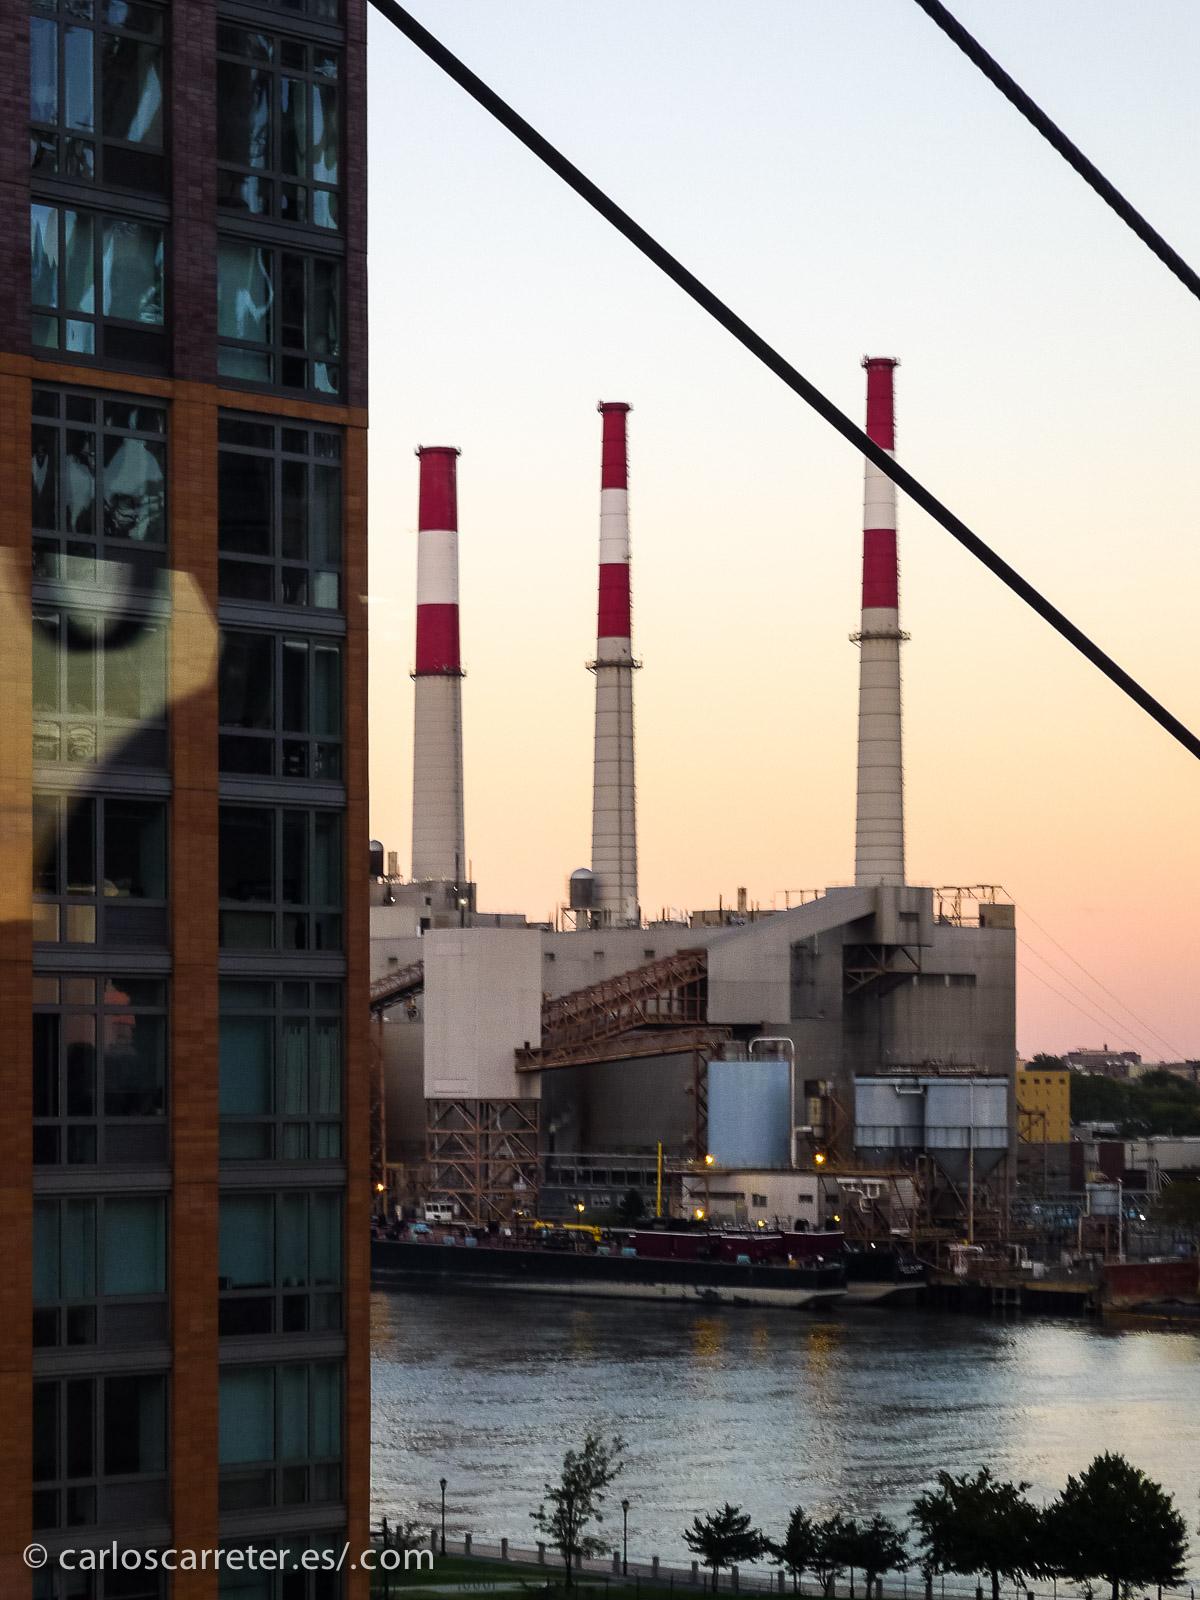 Aunque aparezca menos en las fotografías que habitualmente vemos de Nueva York, la inmensa ciudad también nos ofrece paisajes industriales, especialmente en las riberas de los cursos de agua que rodean las islas que conforman la ciudad.